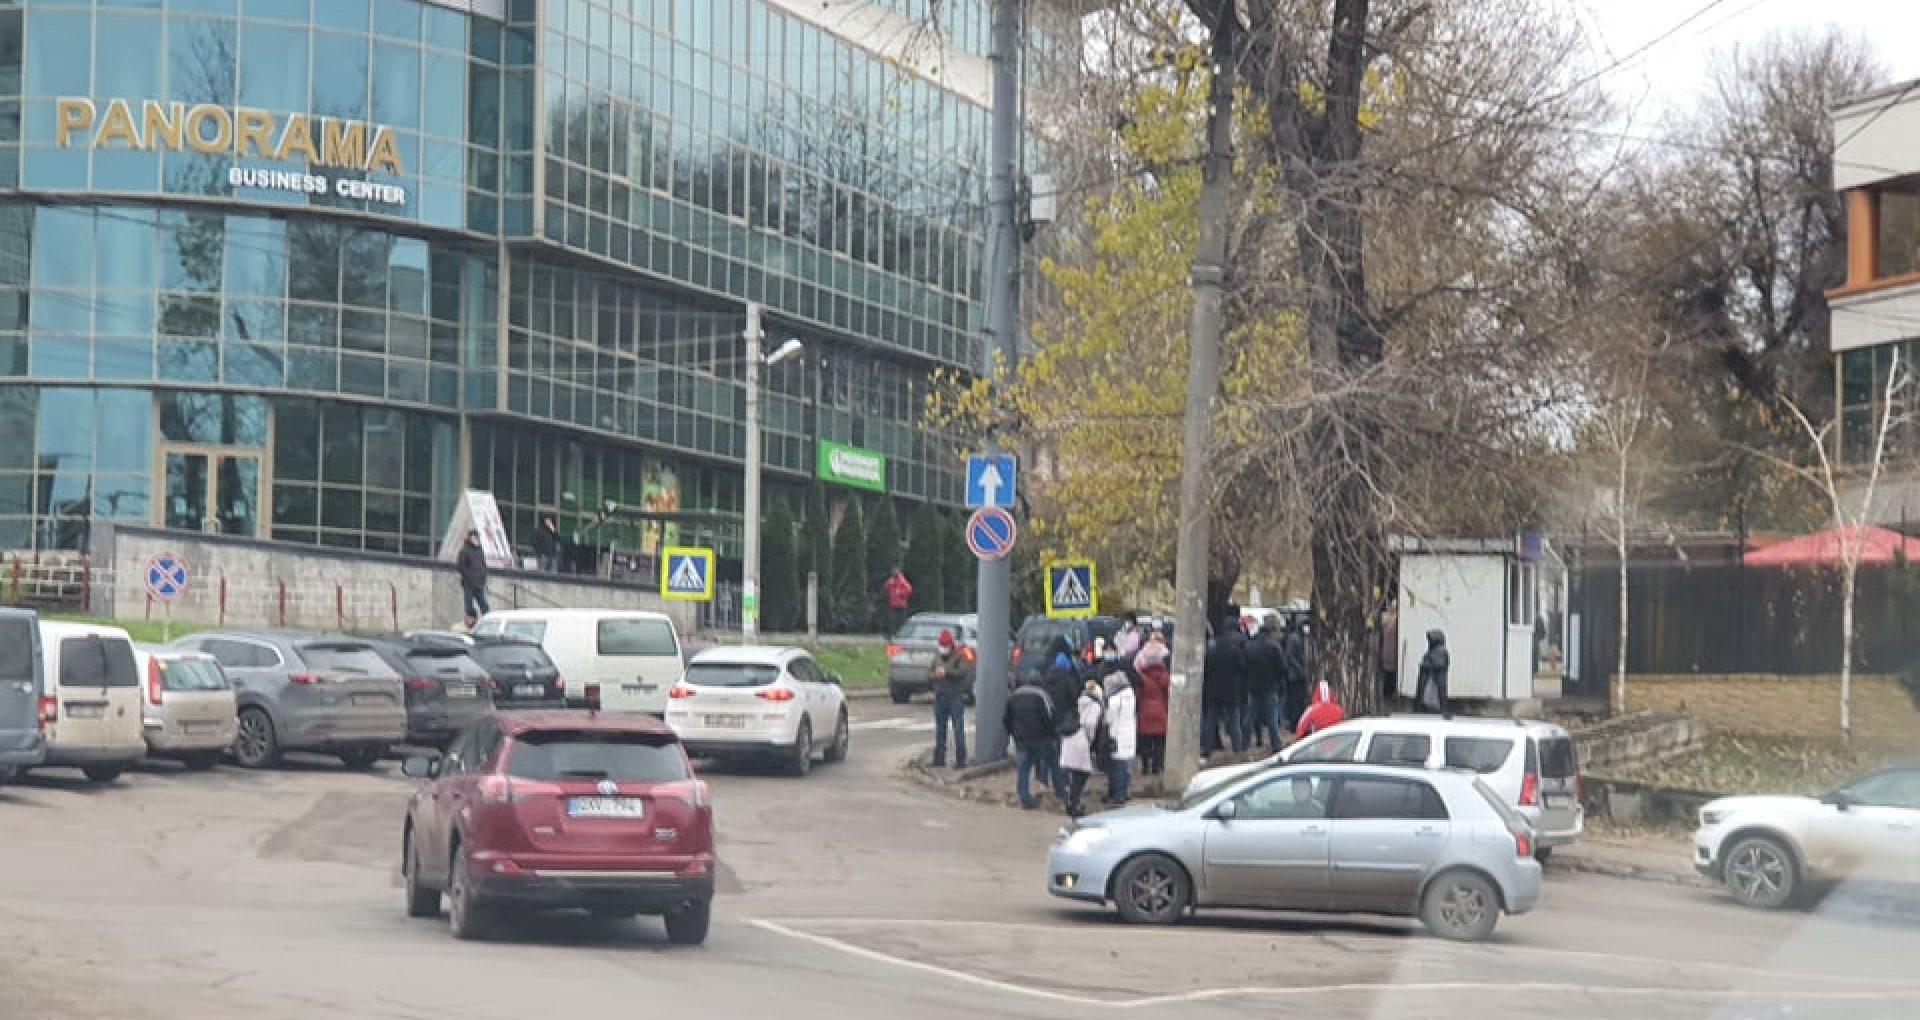 Peste 60 de mii de cetățeni ai R. Moldova așteaptă redobândirea cetățeniei române, în timp ce alți peste 600 de mii deja o au